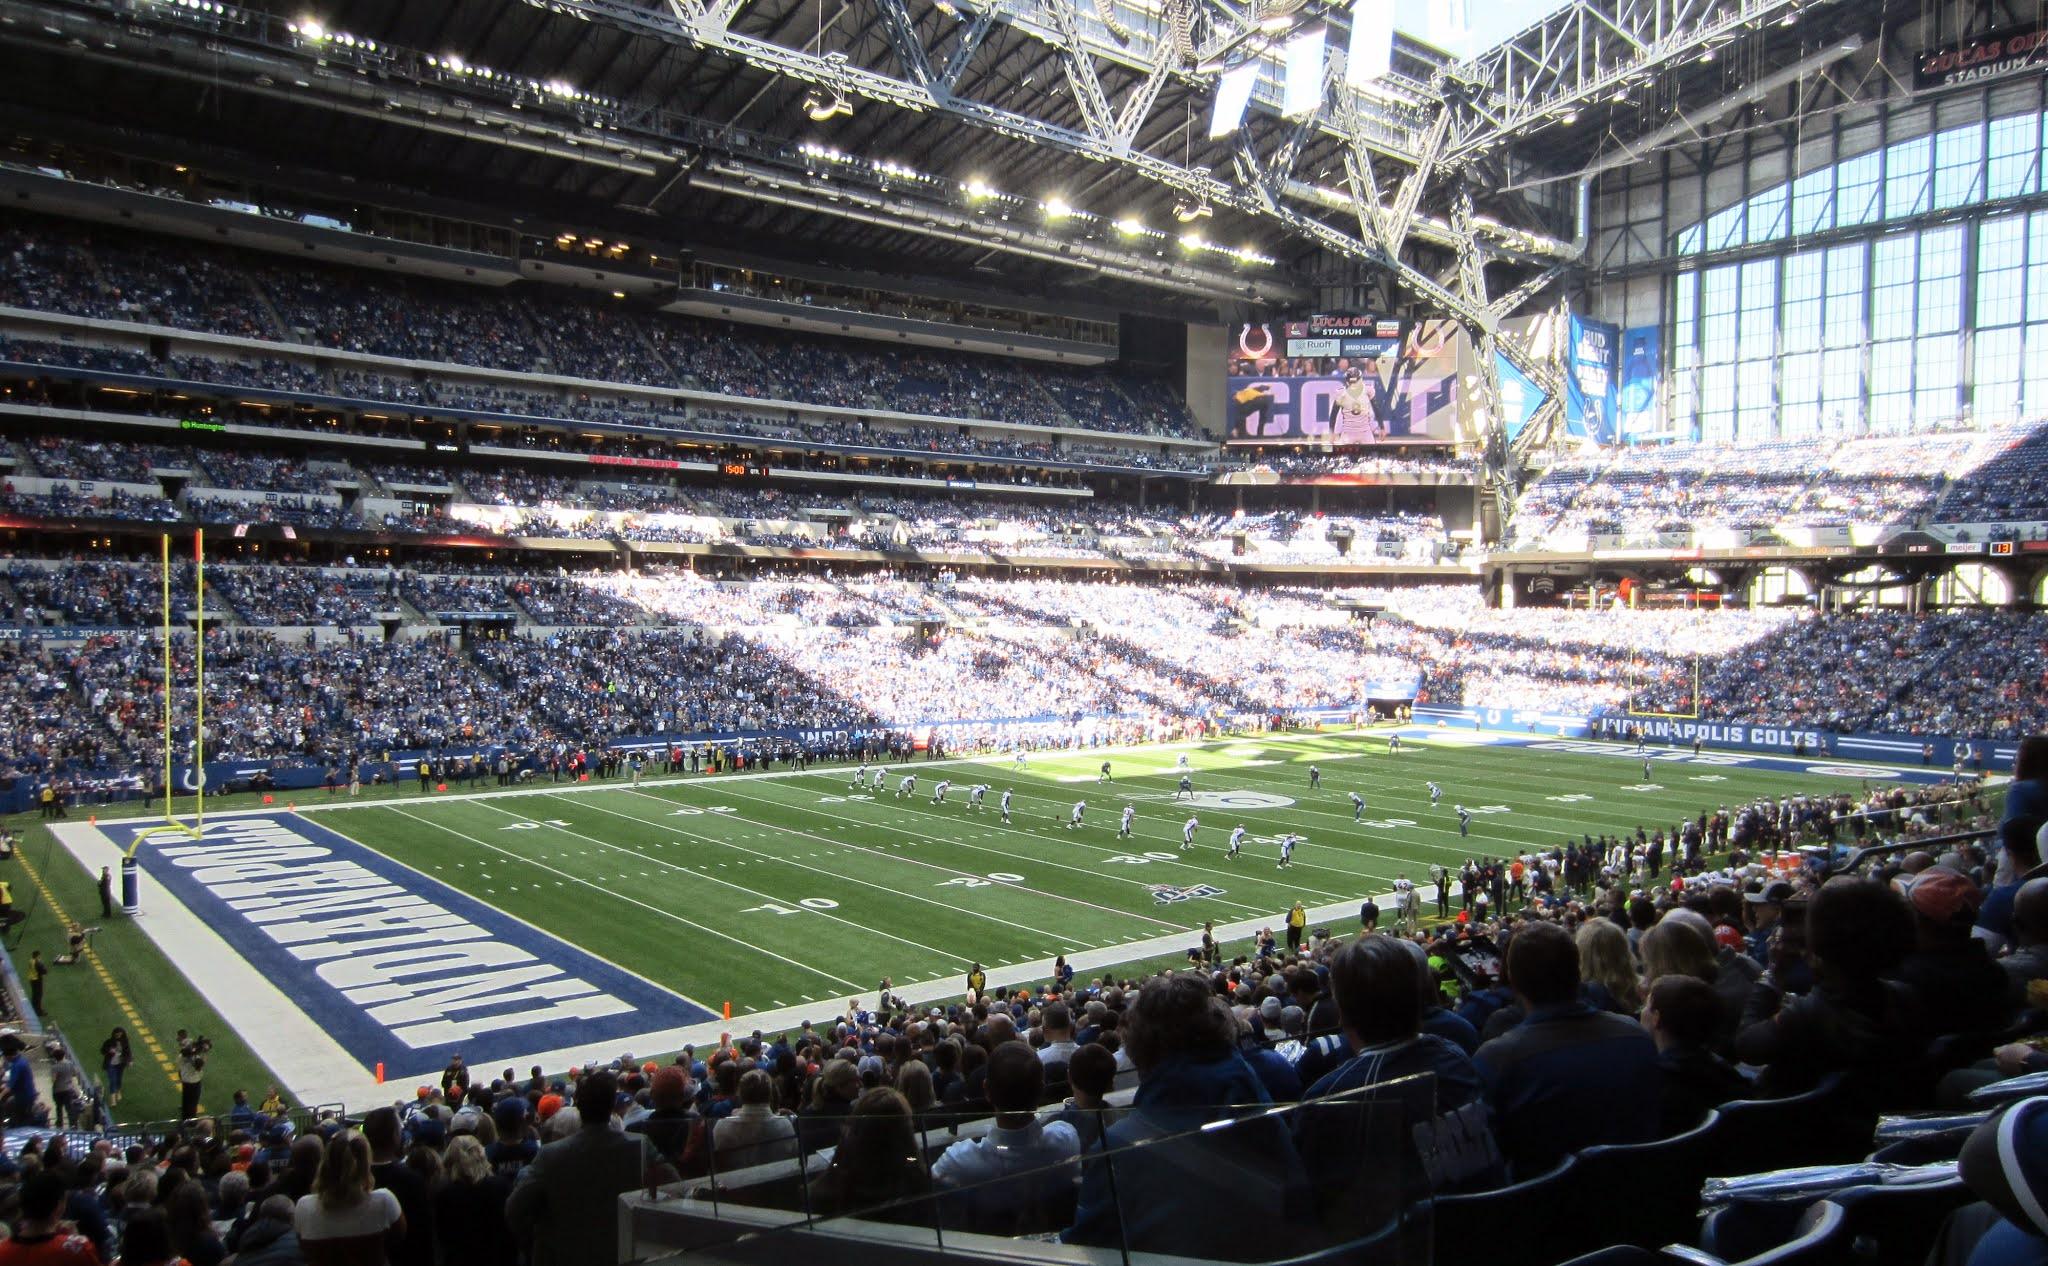 Inside Lucas Oil Stadium